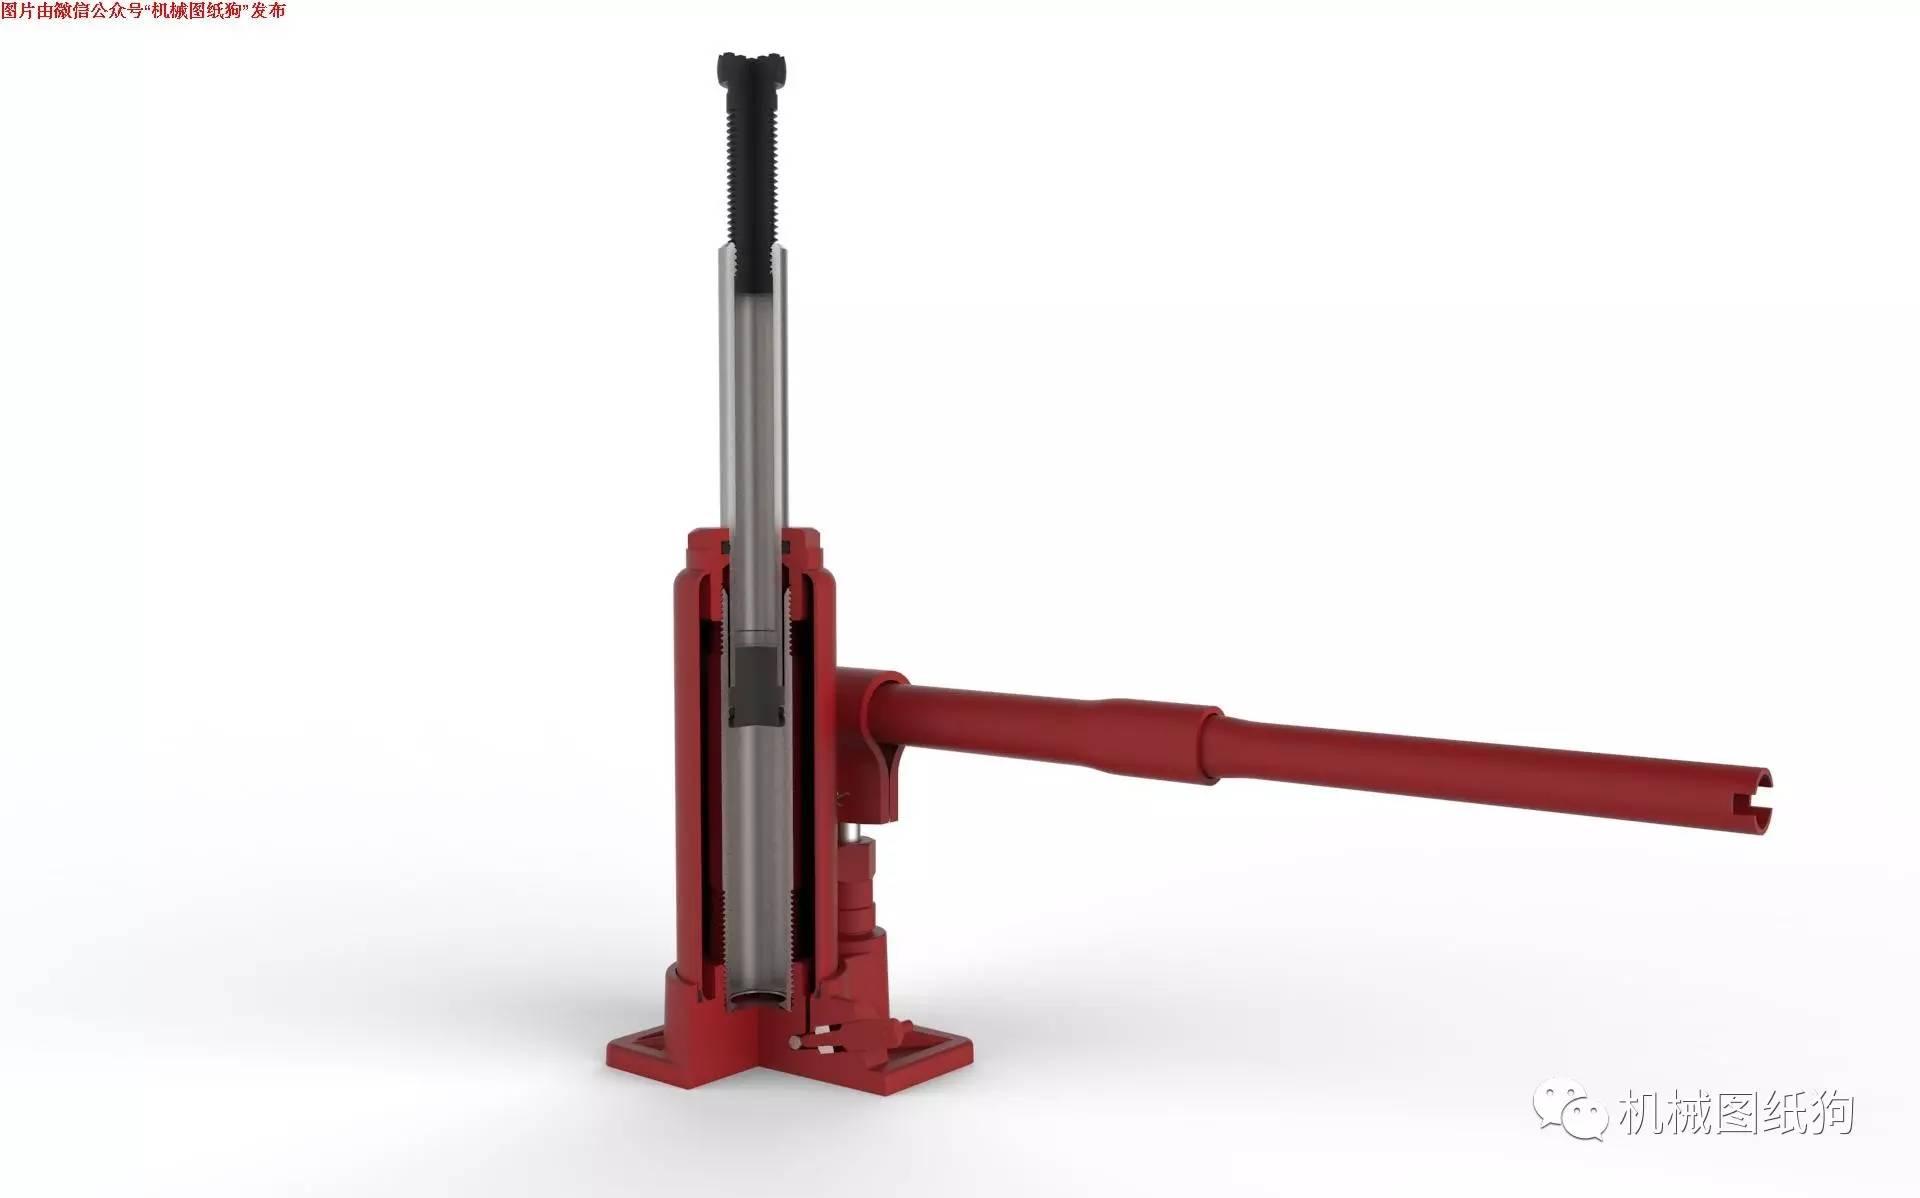 【工程机械】3吨液压瓶式千斤顶3d模型图纸 solidworks设计 附x_t格式图片